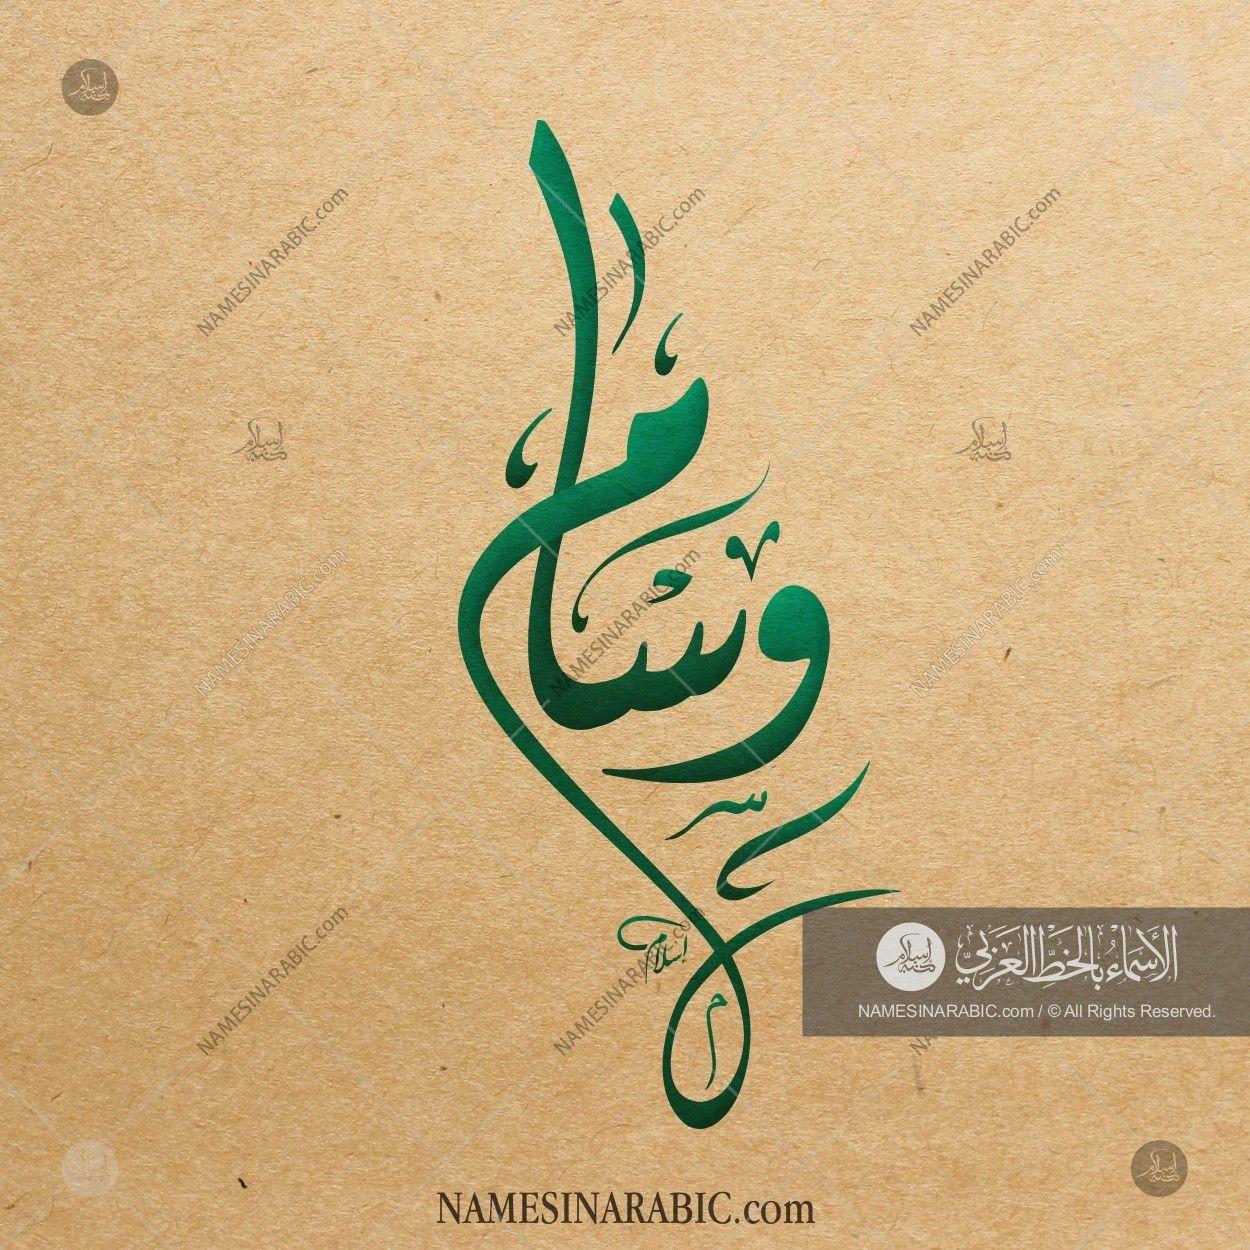 اسم وسام بالانجليزي 11